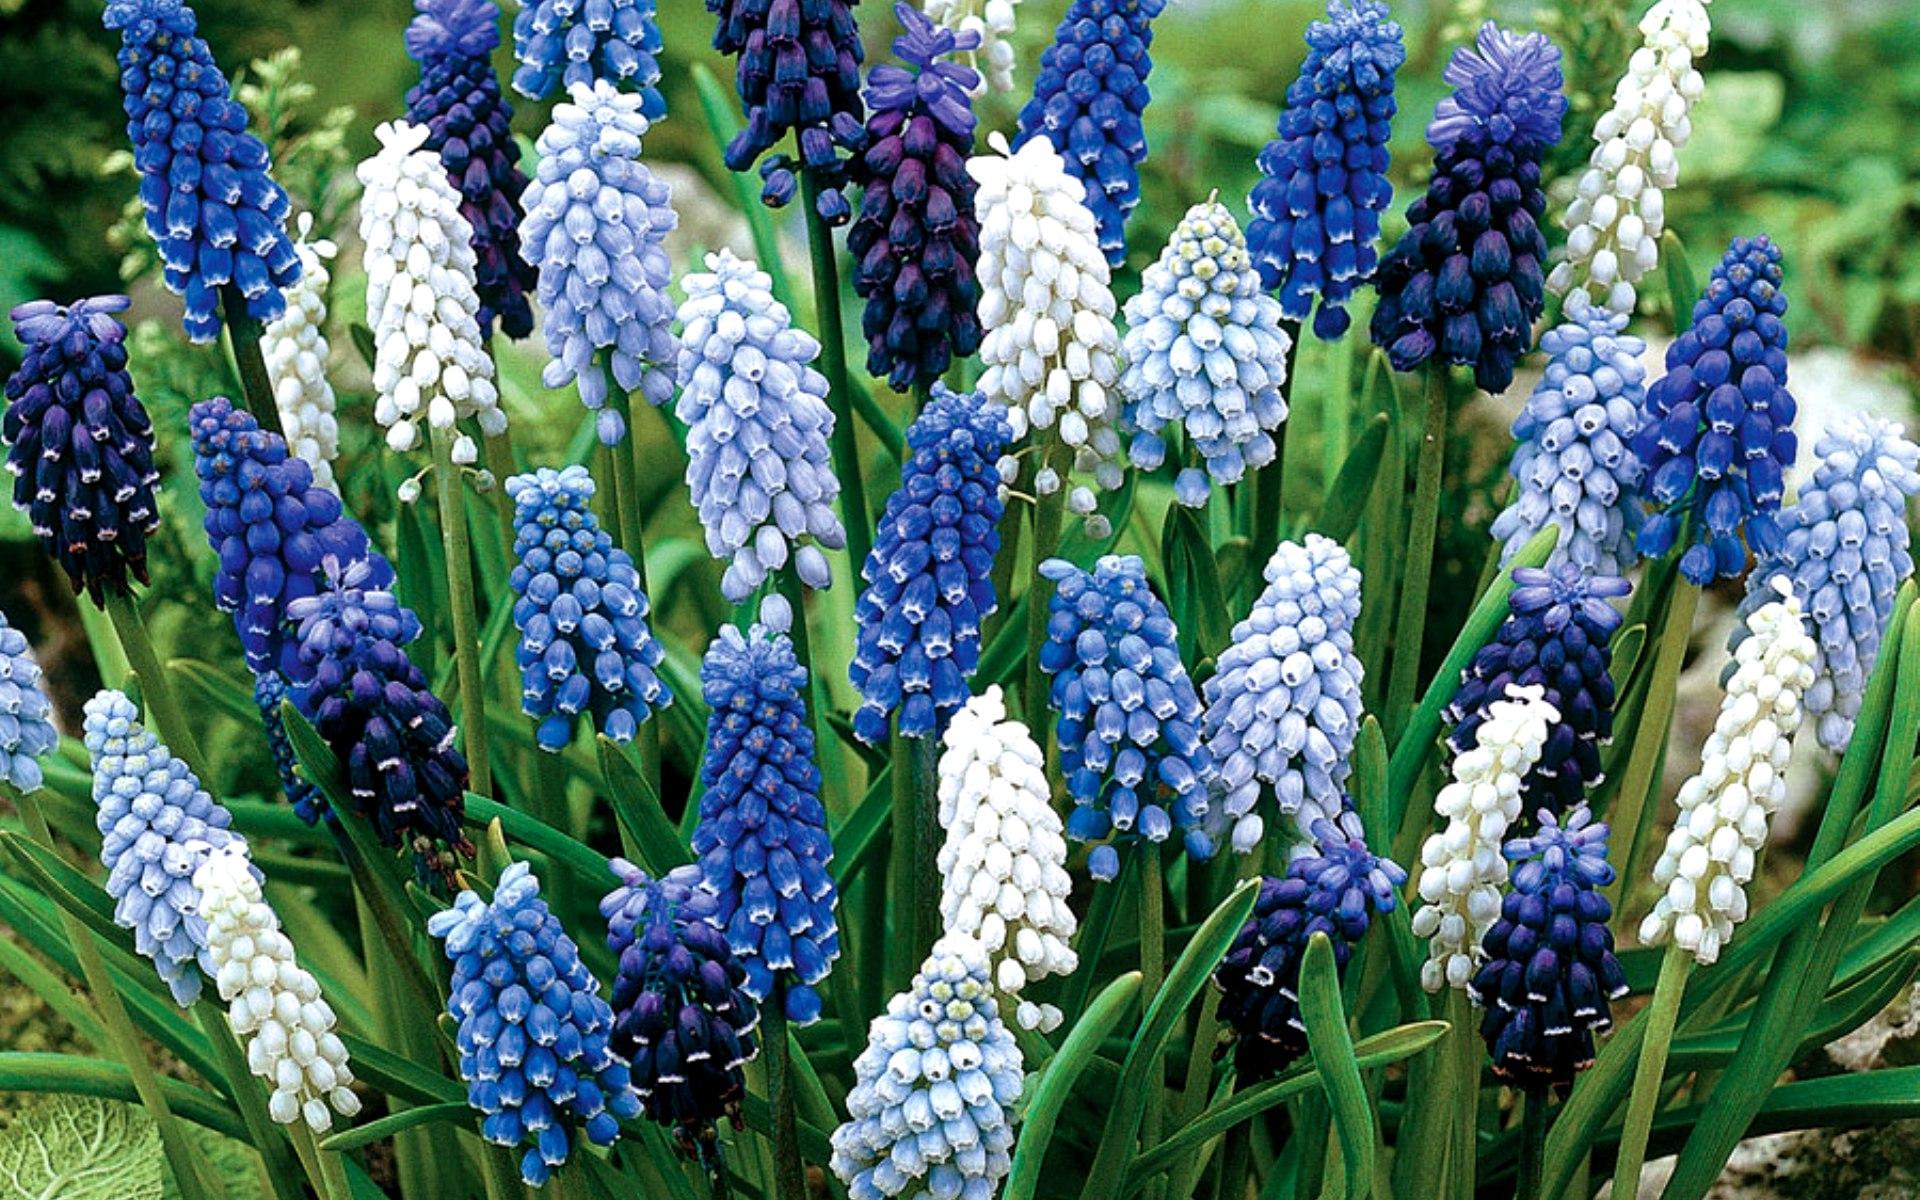 Луковичные многолетники: фото и их названия Архивы Цветы 75